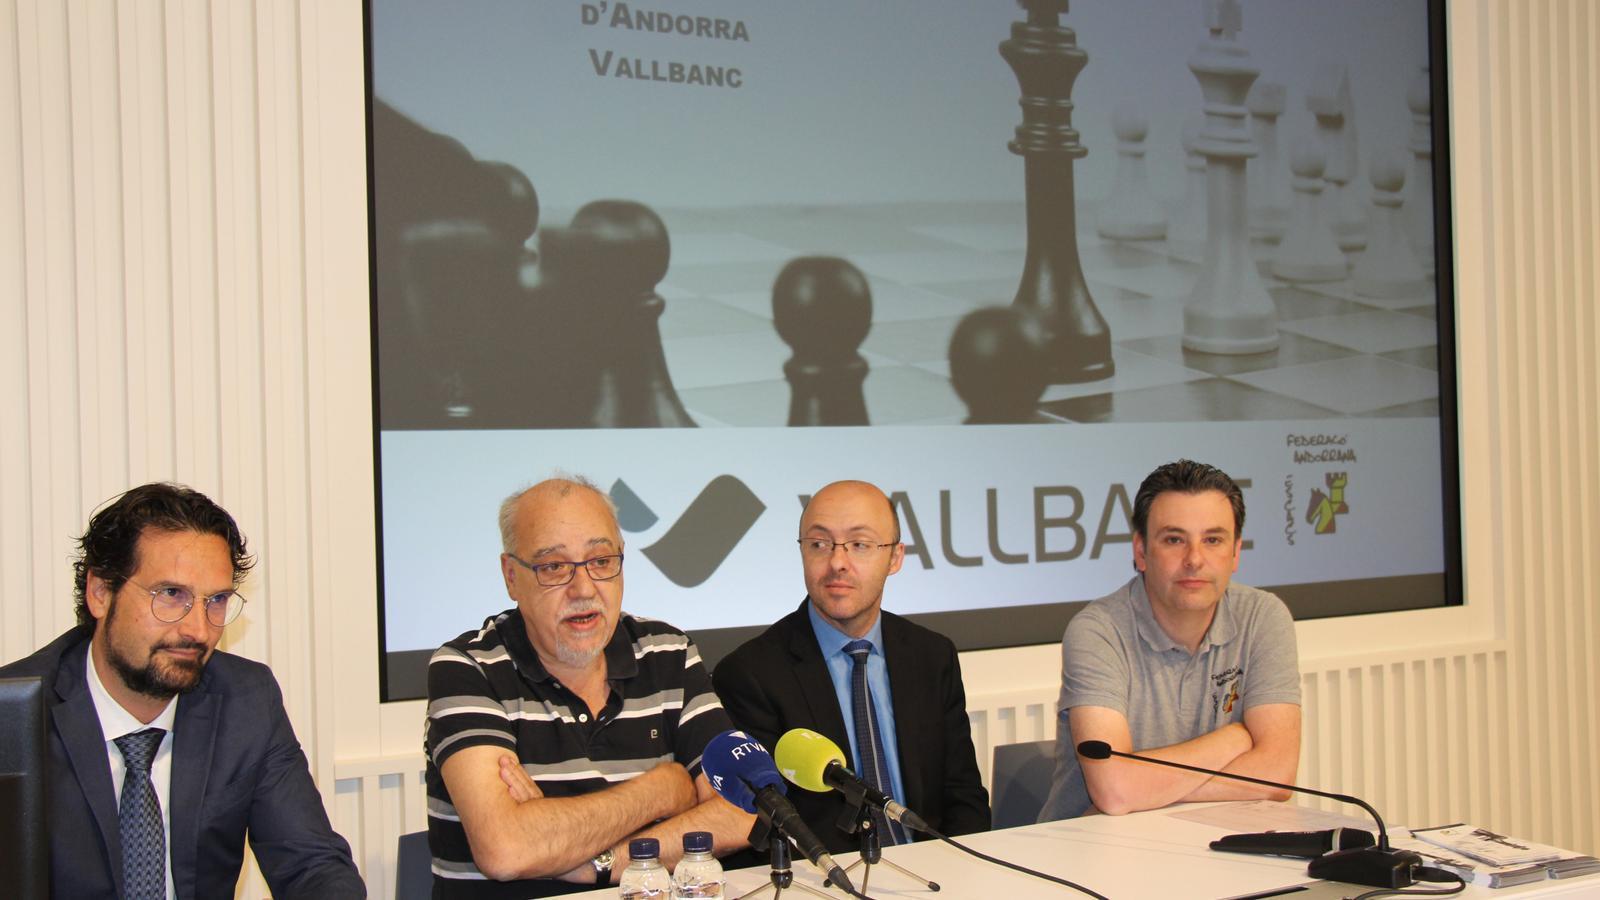 Presentació de la 37a edició de l'Open Internacional d'Escacs d'Andorra, a la seu de Vall Banc. / C. A.